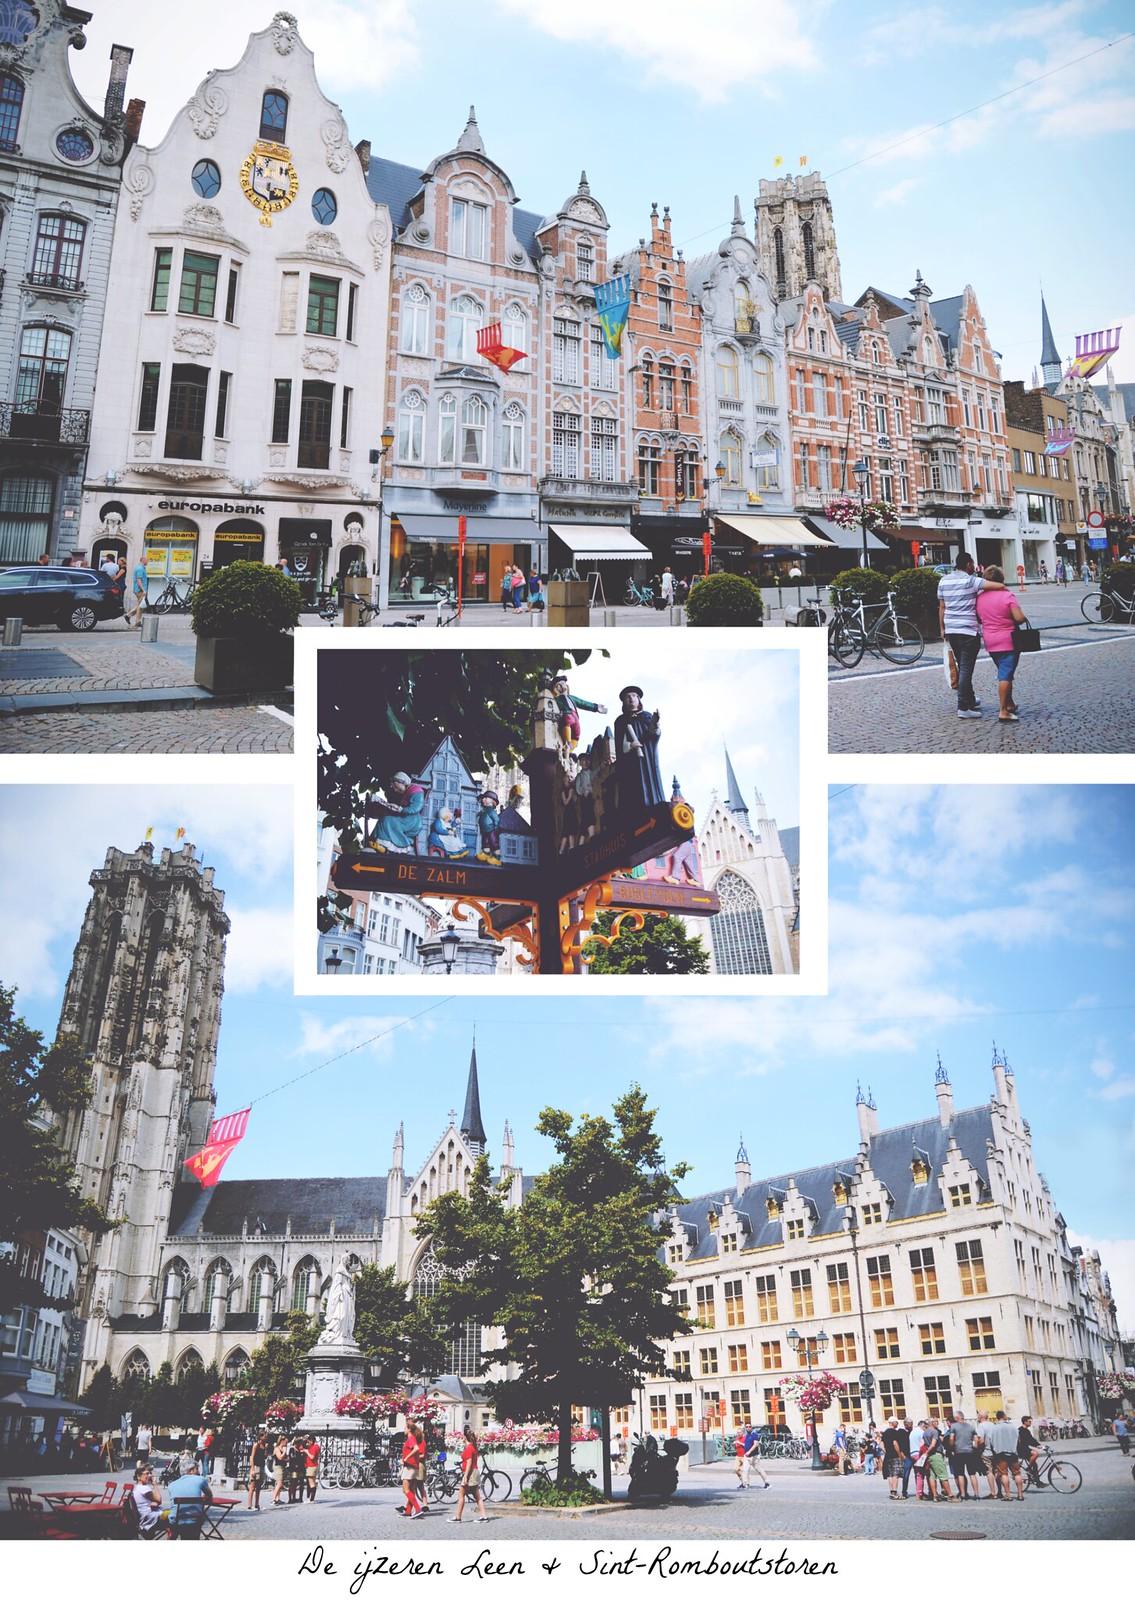 Mechelen, België is een van de 17 bestemmingen die door It's Travel O'Clock wordt getipt voor 2107